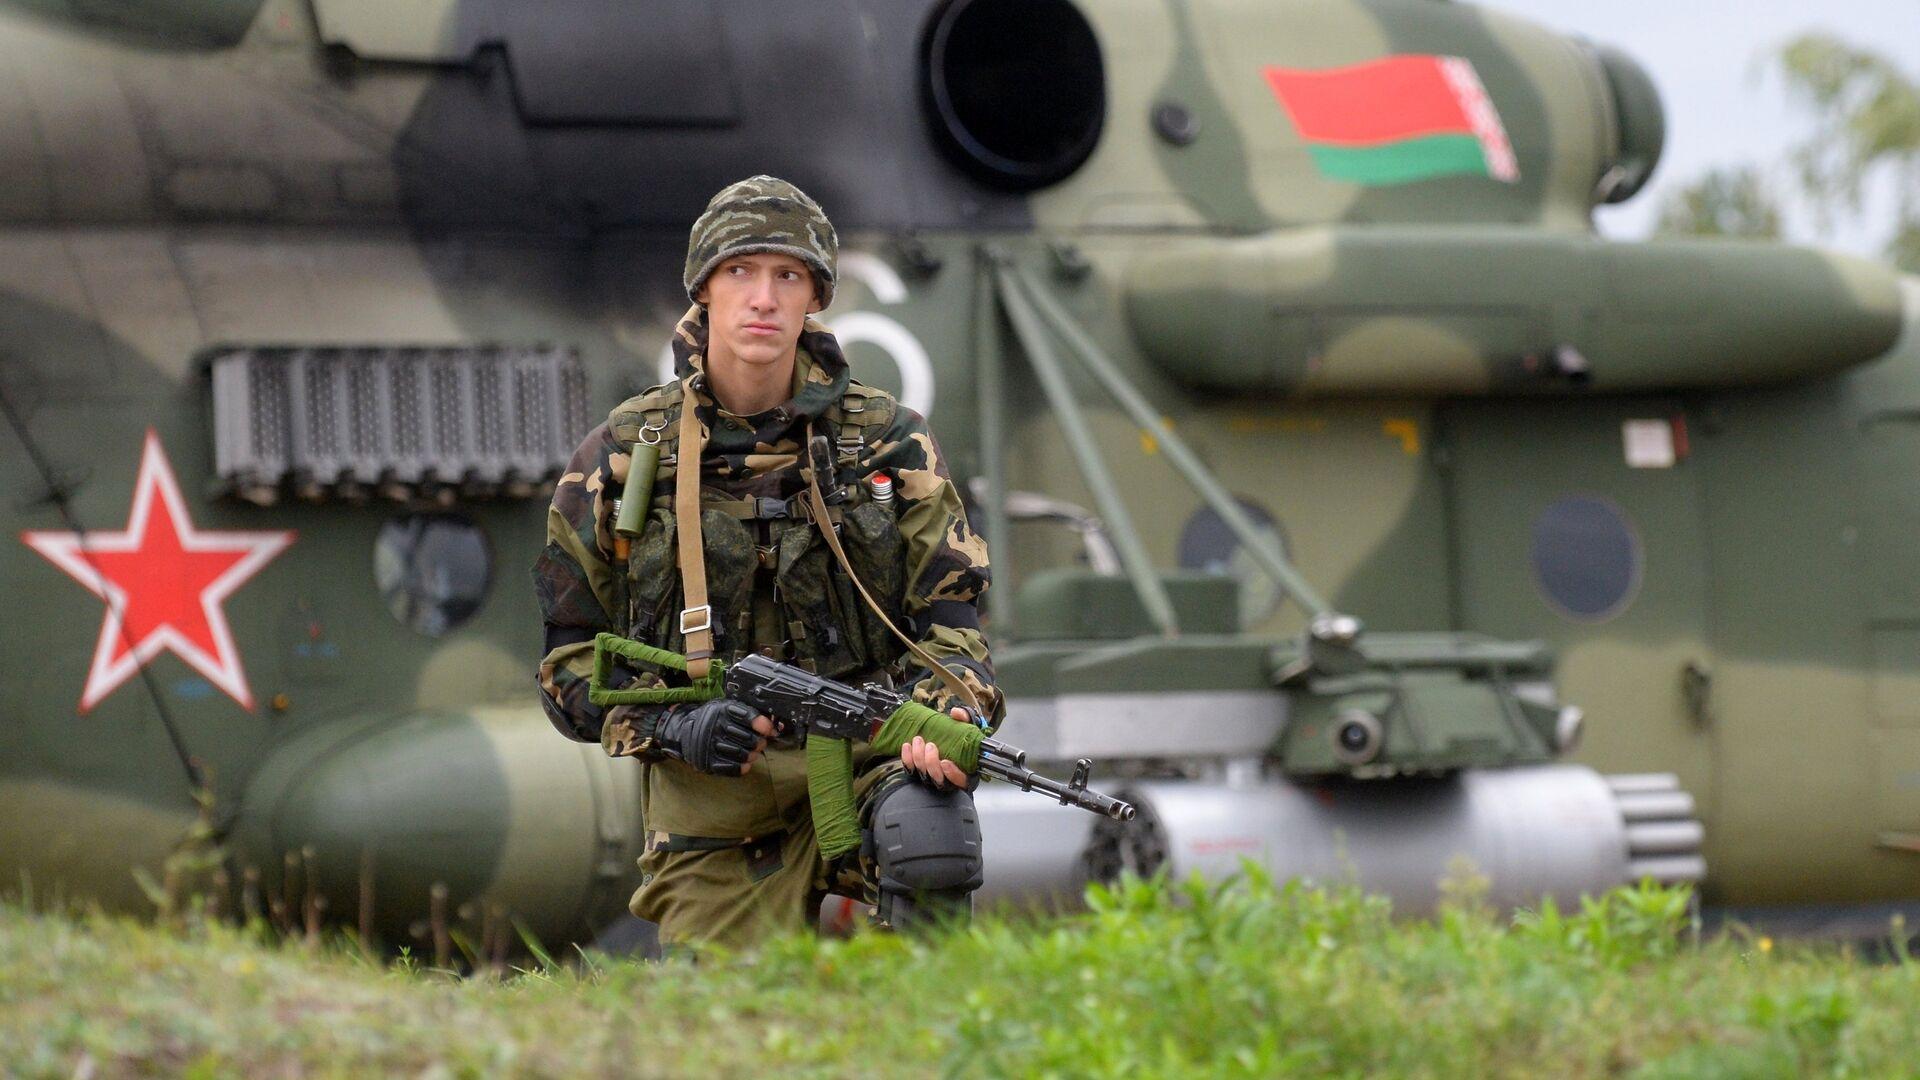 Militar bielorruso durante los ejercicios militares ruso-bielorrusos Zapad 2017 - Sputnik Mundo, 1920, 23.02.2021